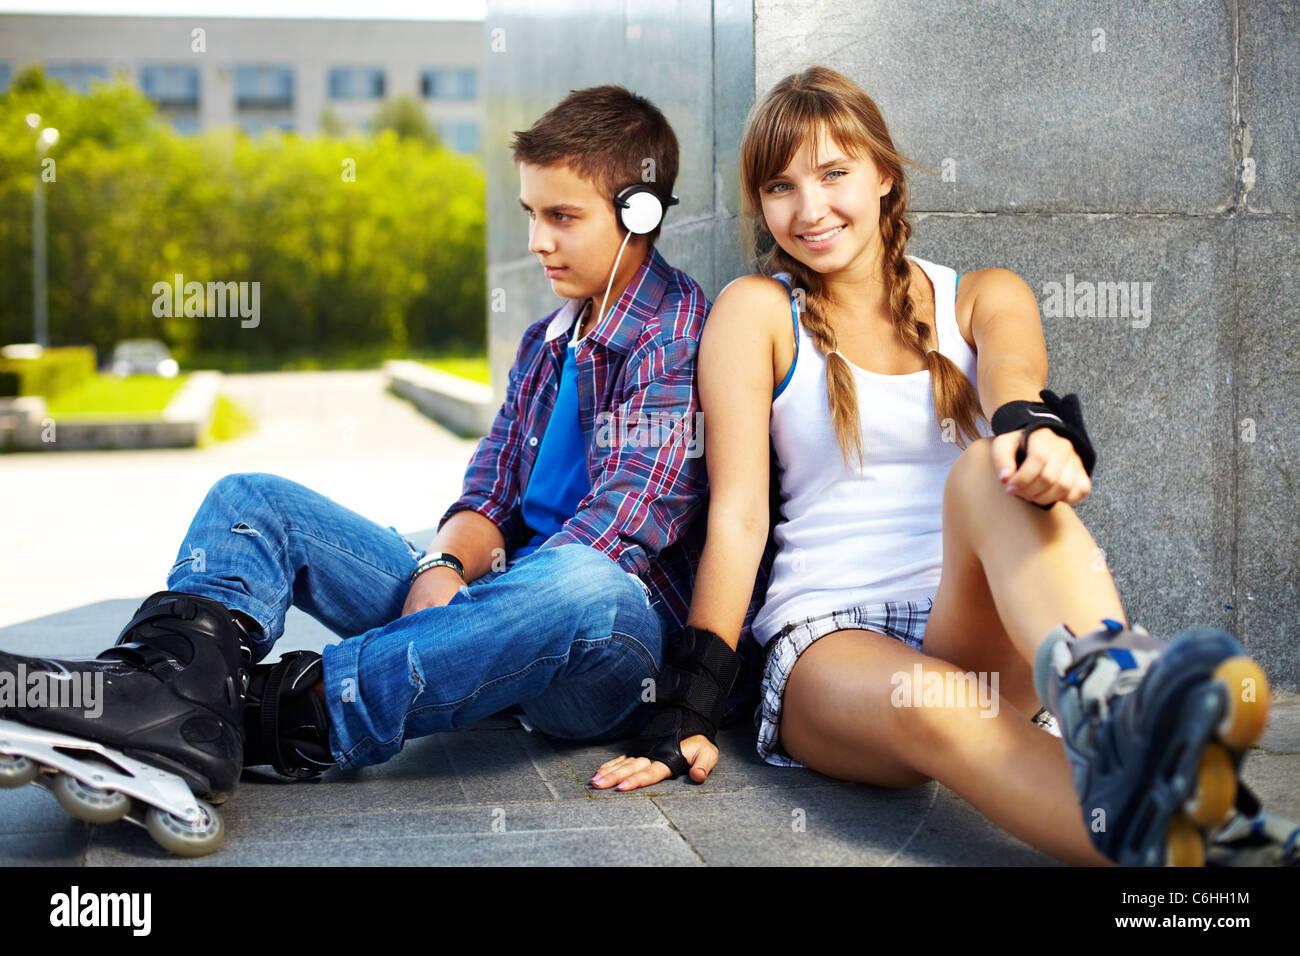 Jugendliche geben foto frei, Tinkerbell Kostüm nackt